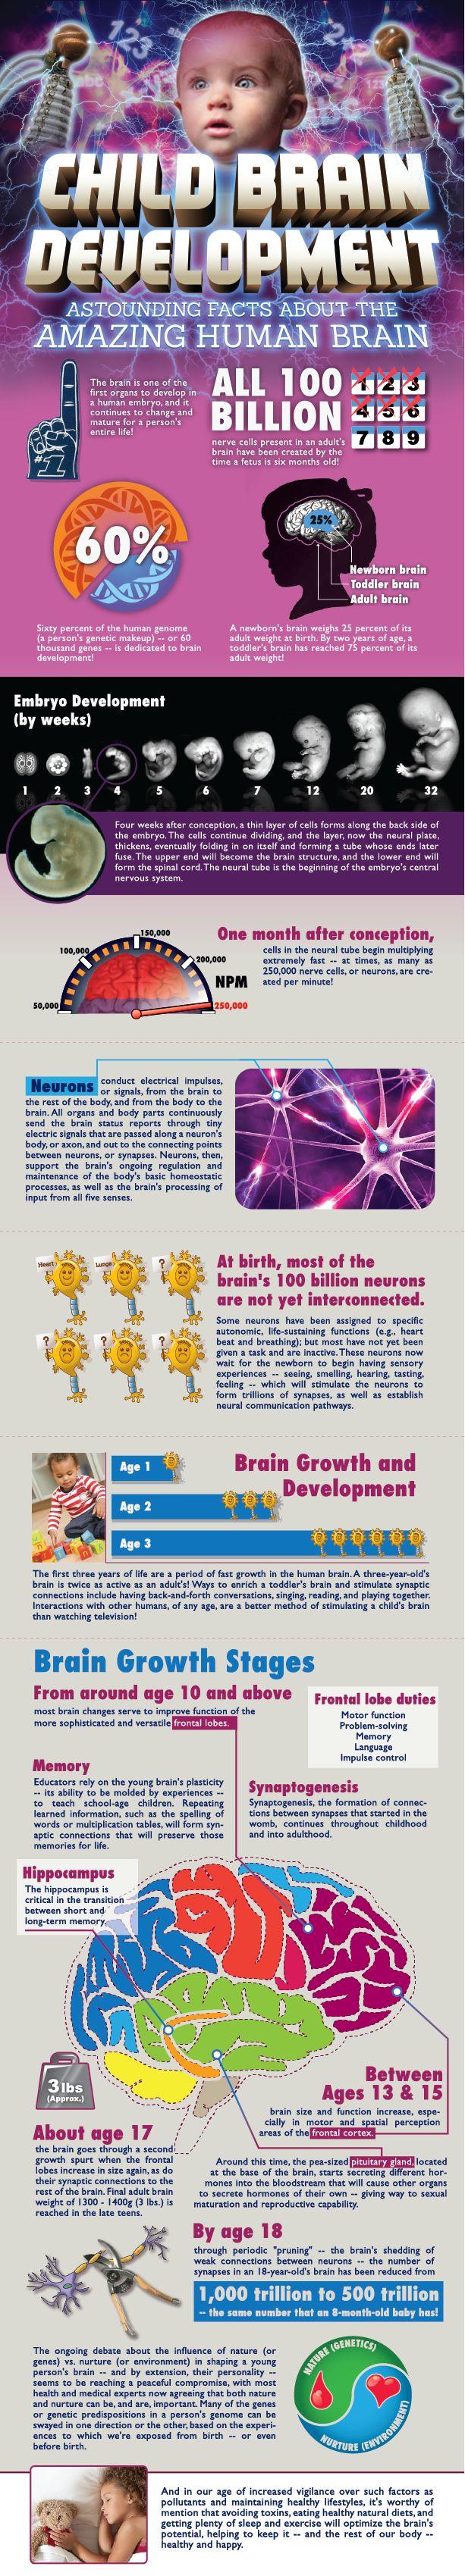 Child brain development #infografia #infographic